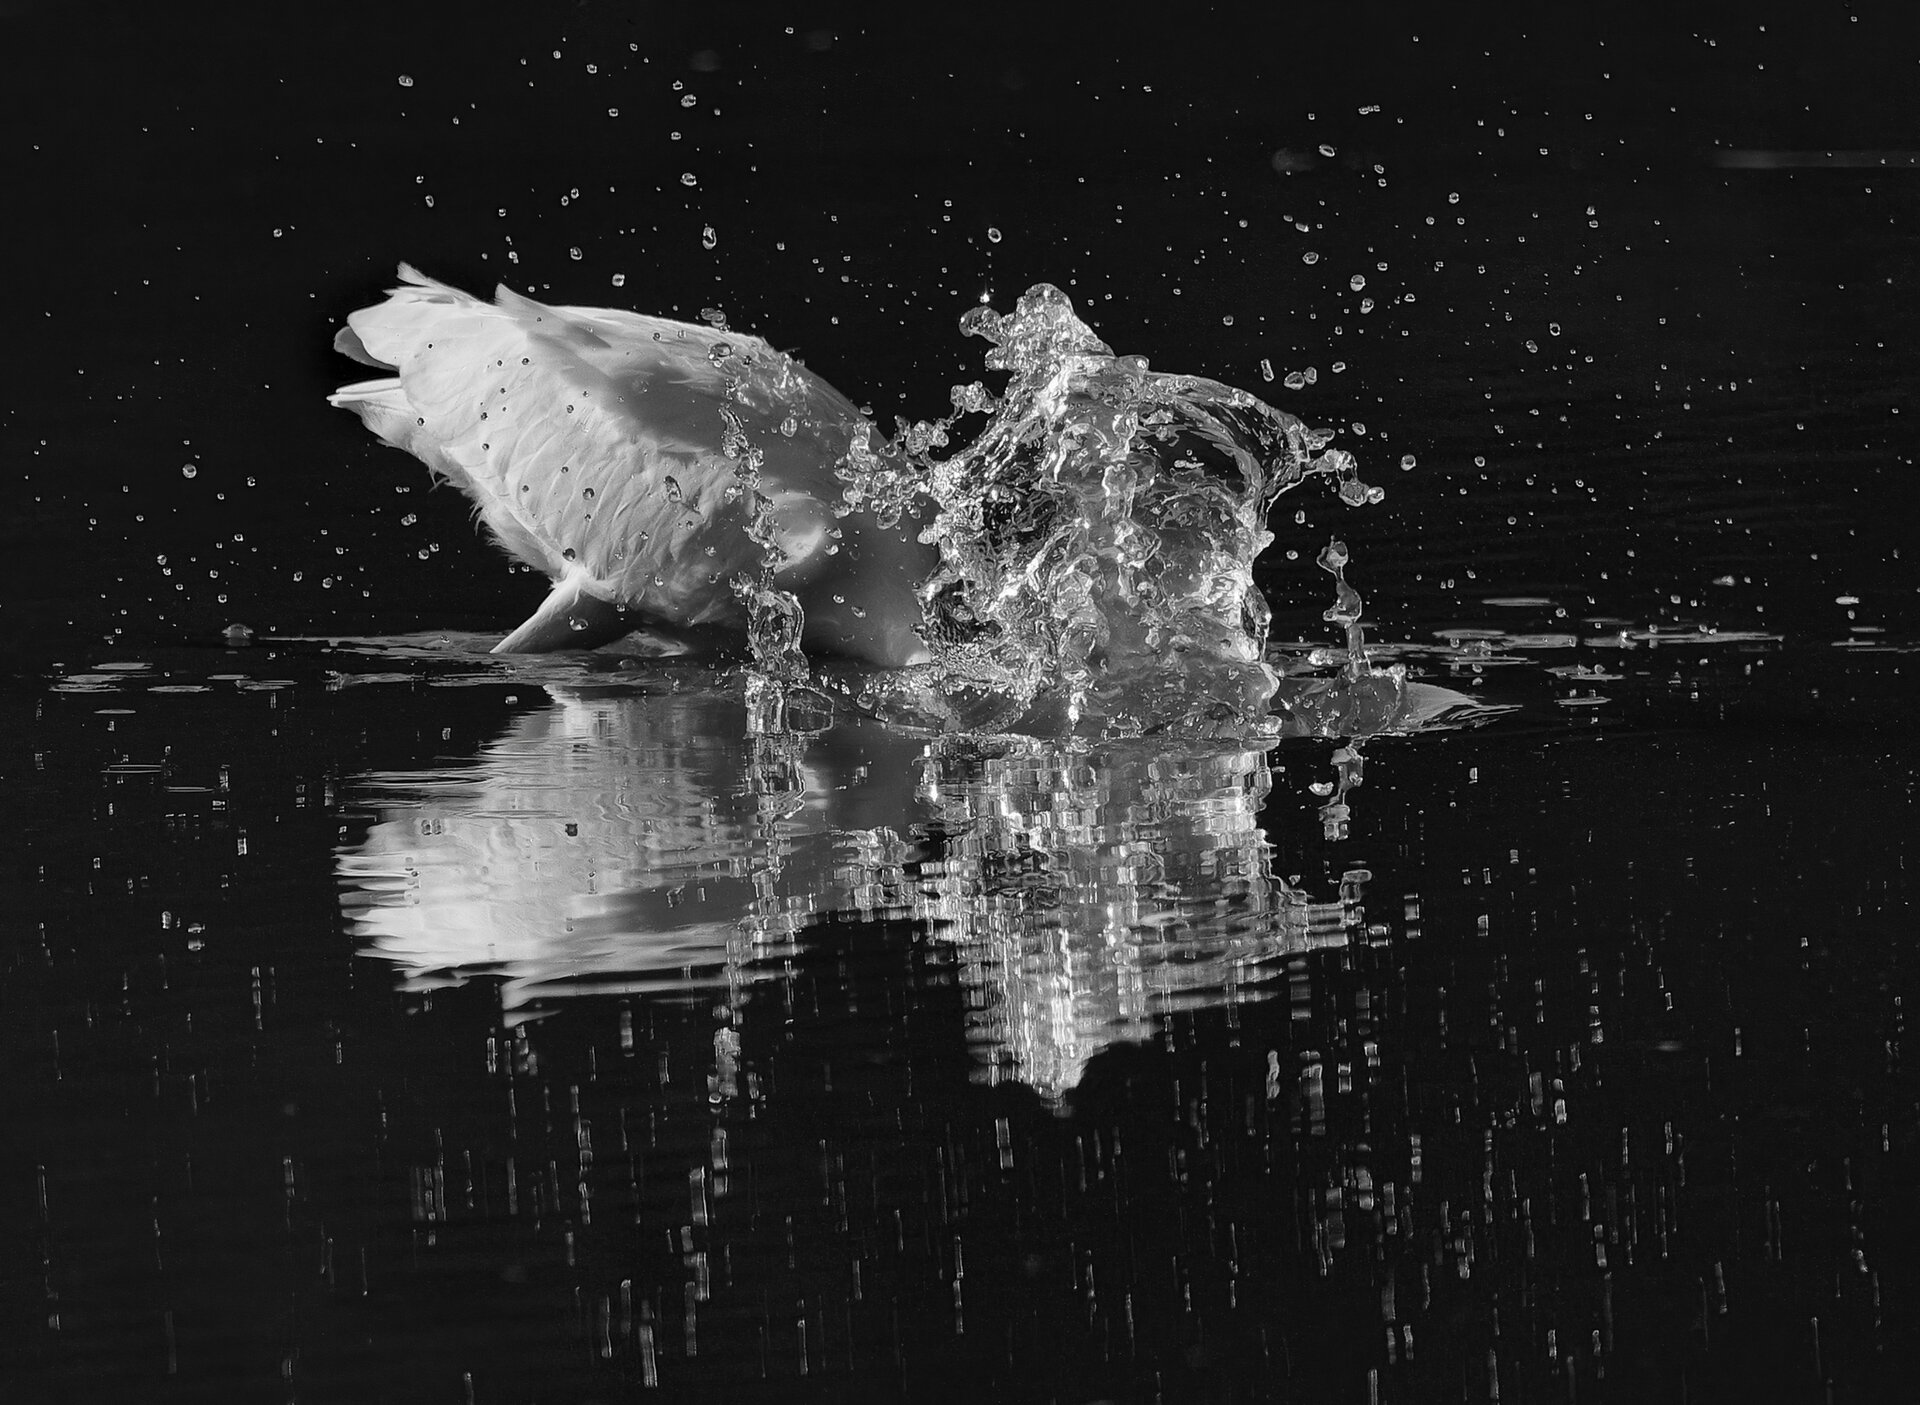 Alan_Clark_Celestial_Splash.jpg